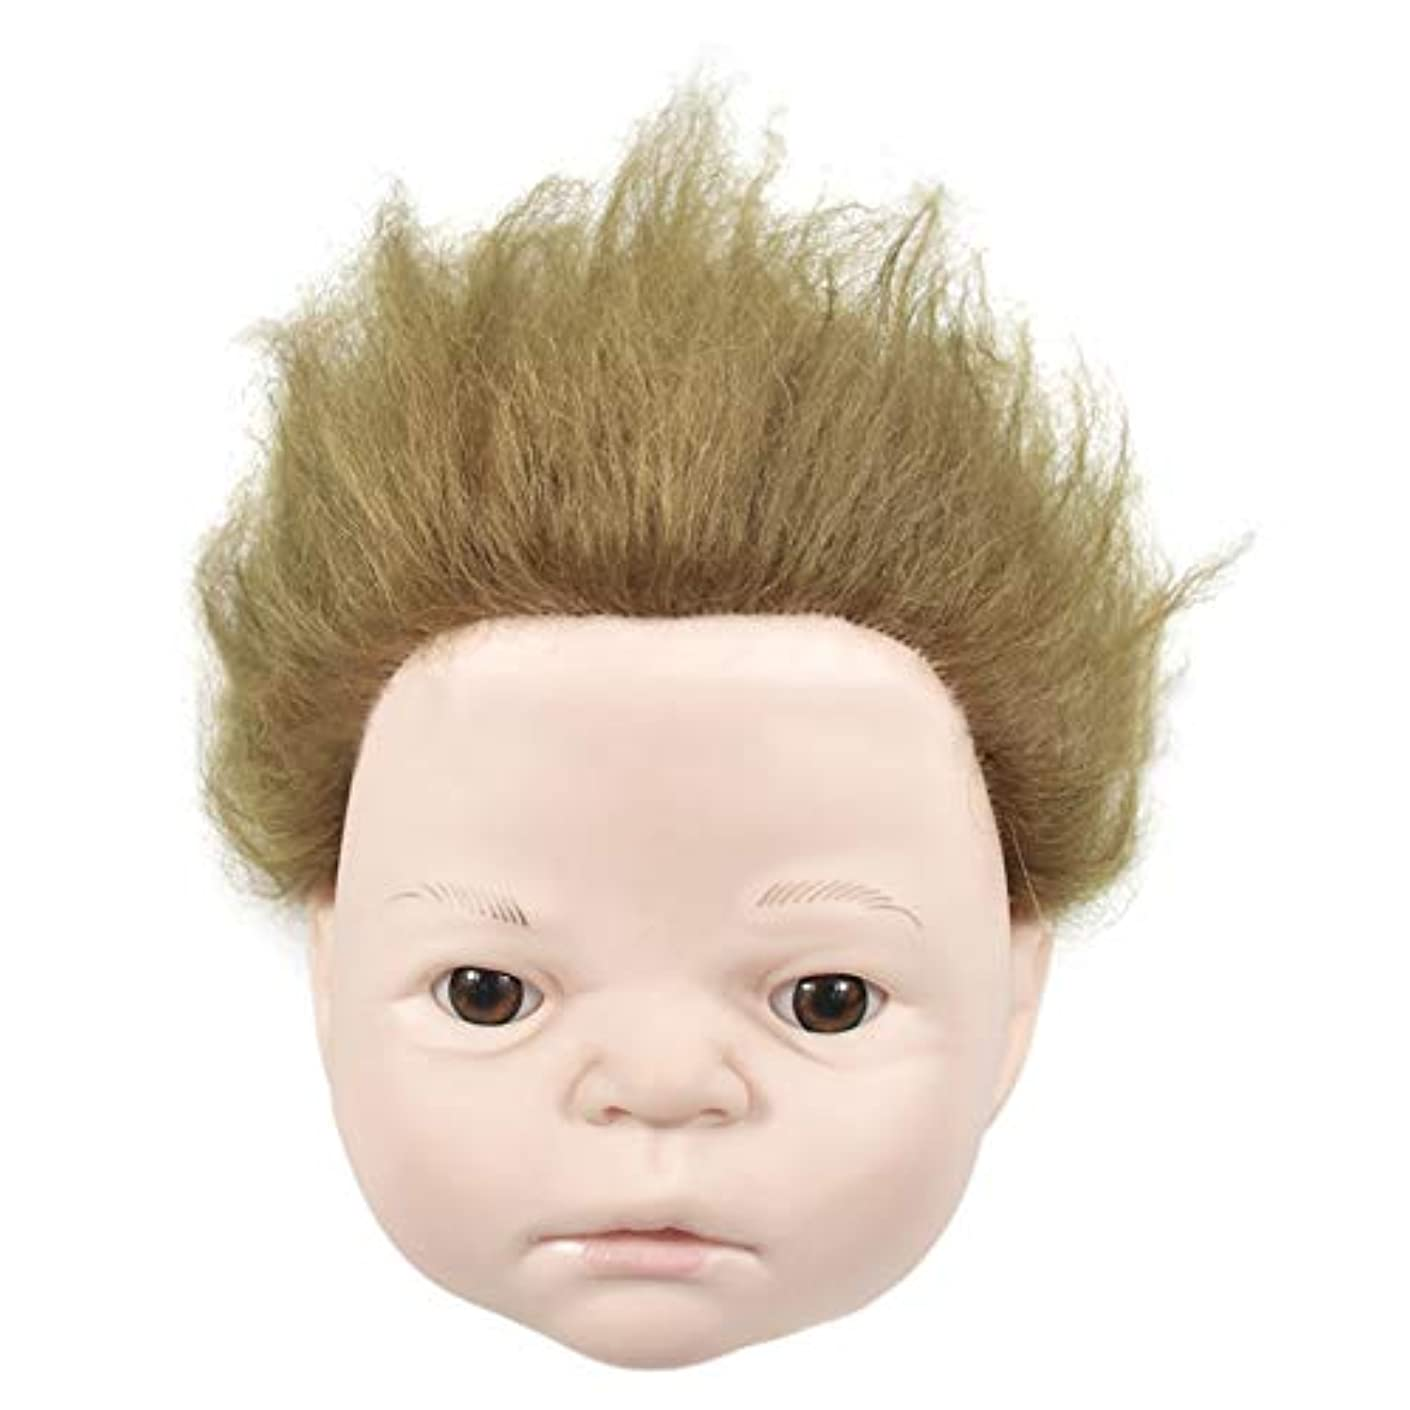 ヒューズマークダウン形式練習理髪散髪ヘッドモデルリアルヘアドールヘッド形状教育ヘッドサロン教育学習マネキンヘッド